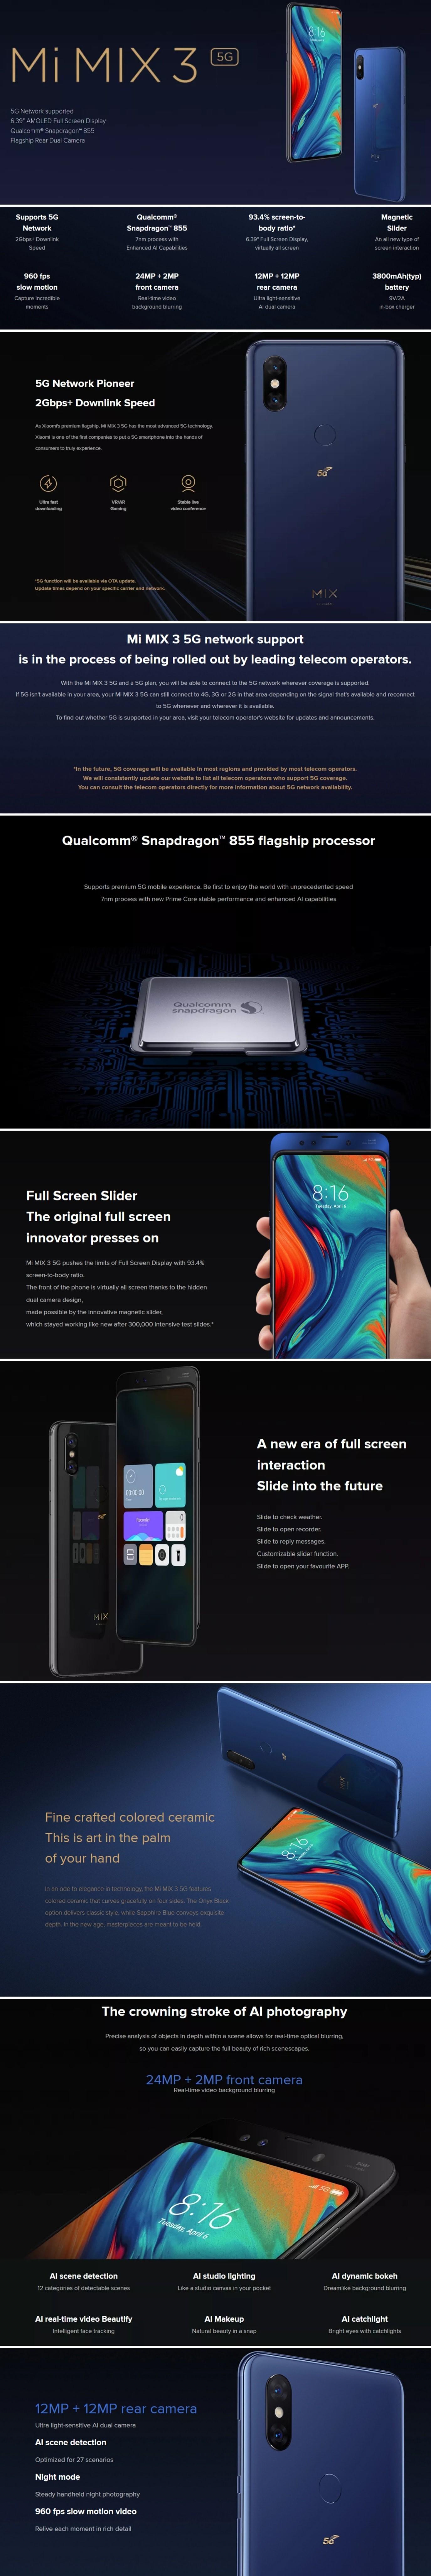 Prezentare-Xiaomi-Mi-Mix-3-5G325df6f6f32db39e.jpg